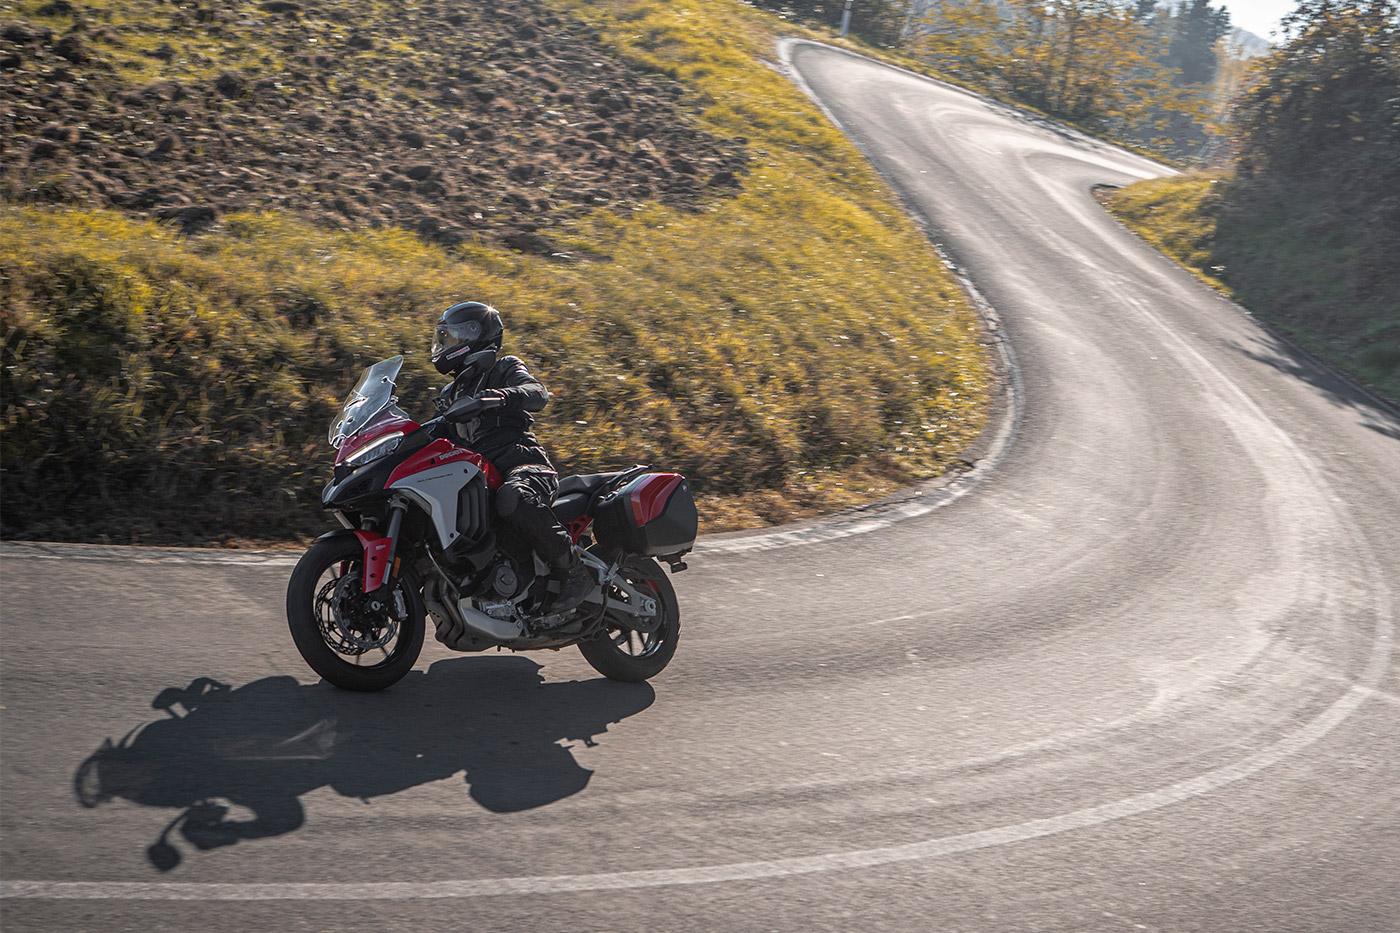 Video - Ducati Multistrada V4